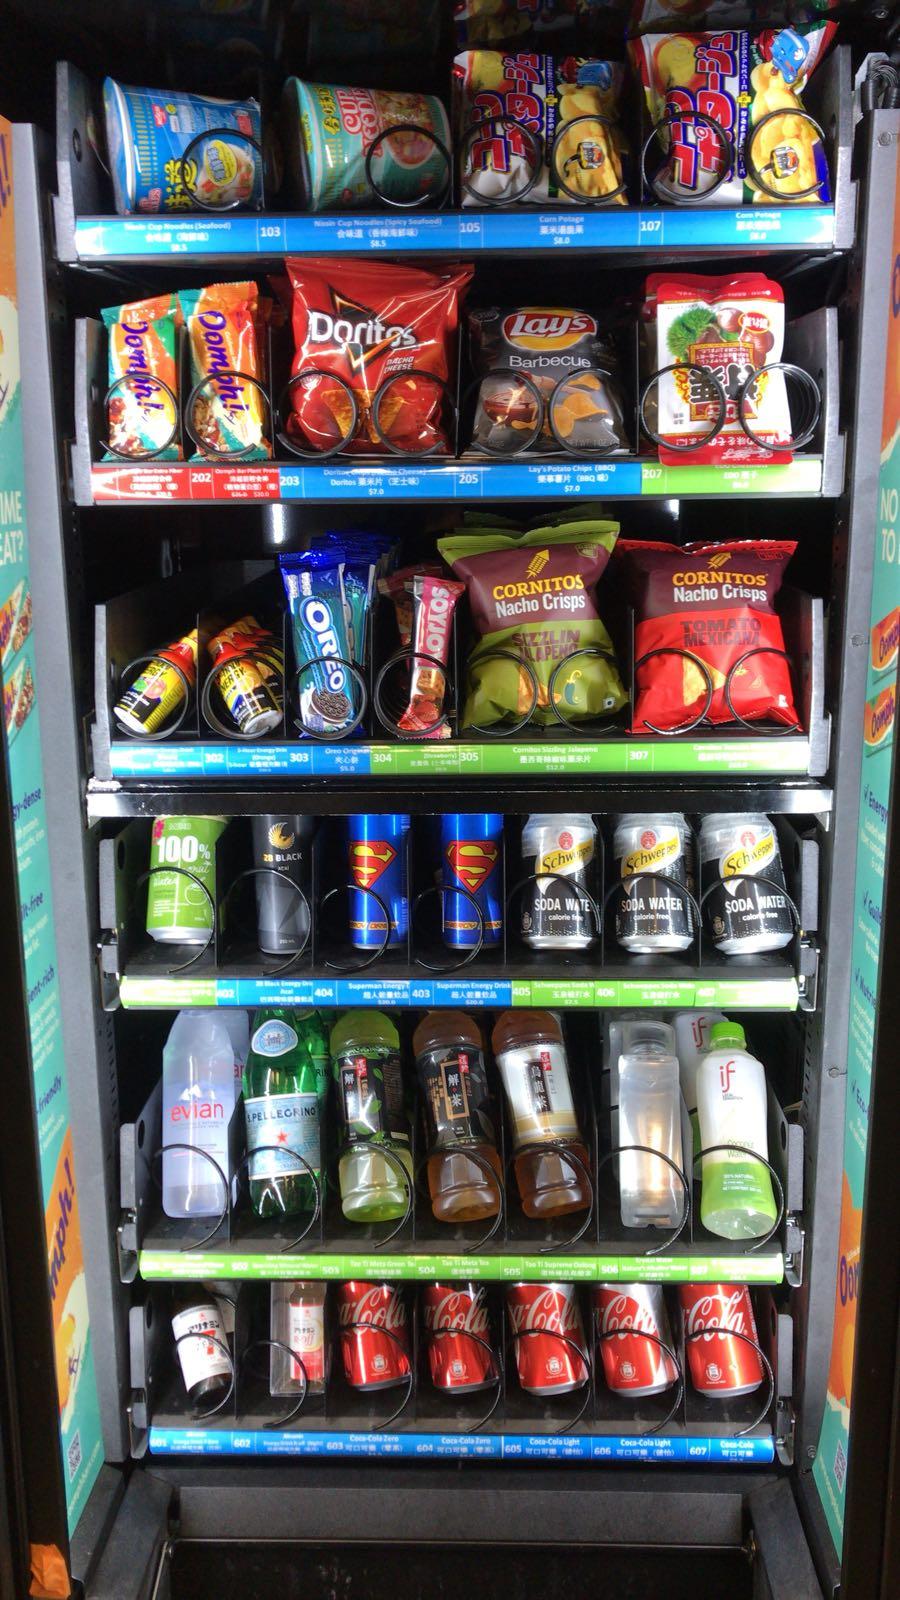 FreshUp,自動售賣機,自動販賣機,零食,飲品,方便,快捷,智能,投資銀行,辦公室,寫字樓,野村控股